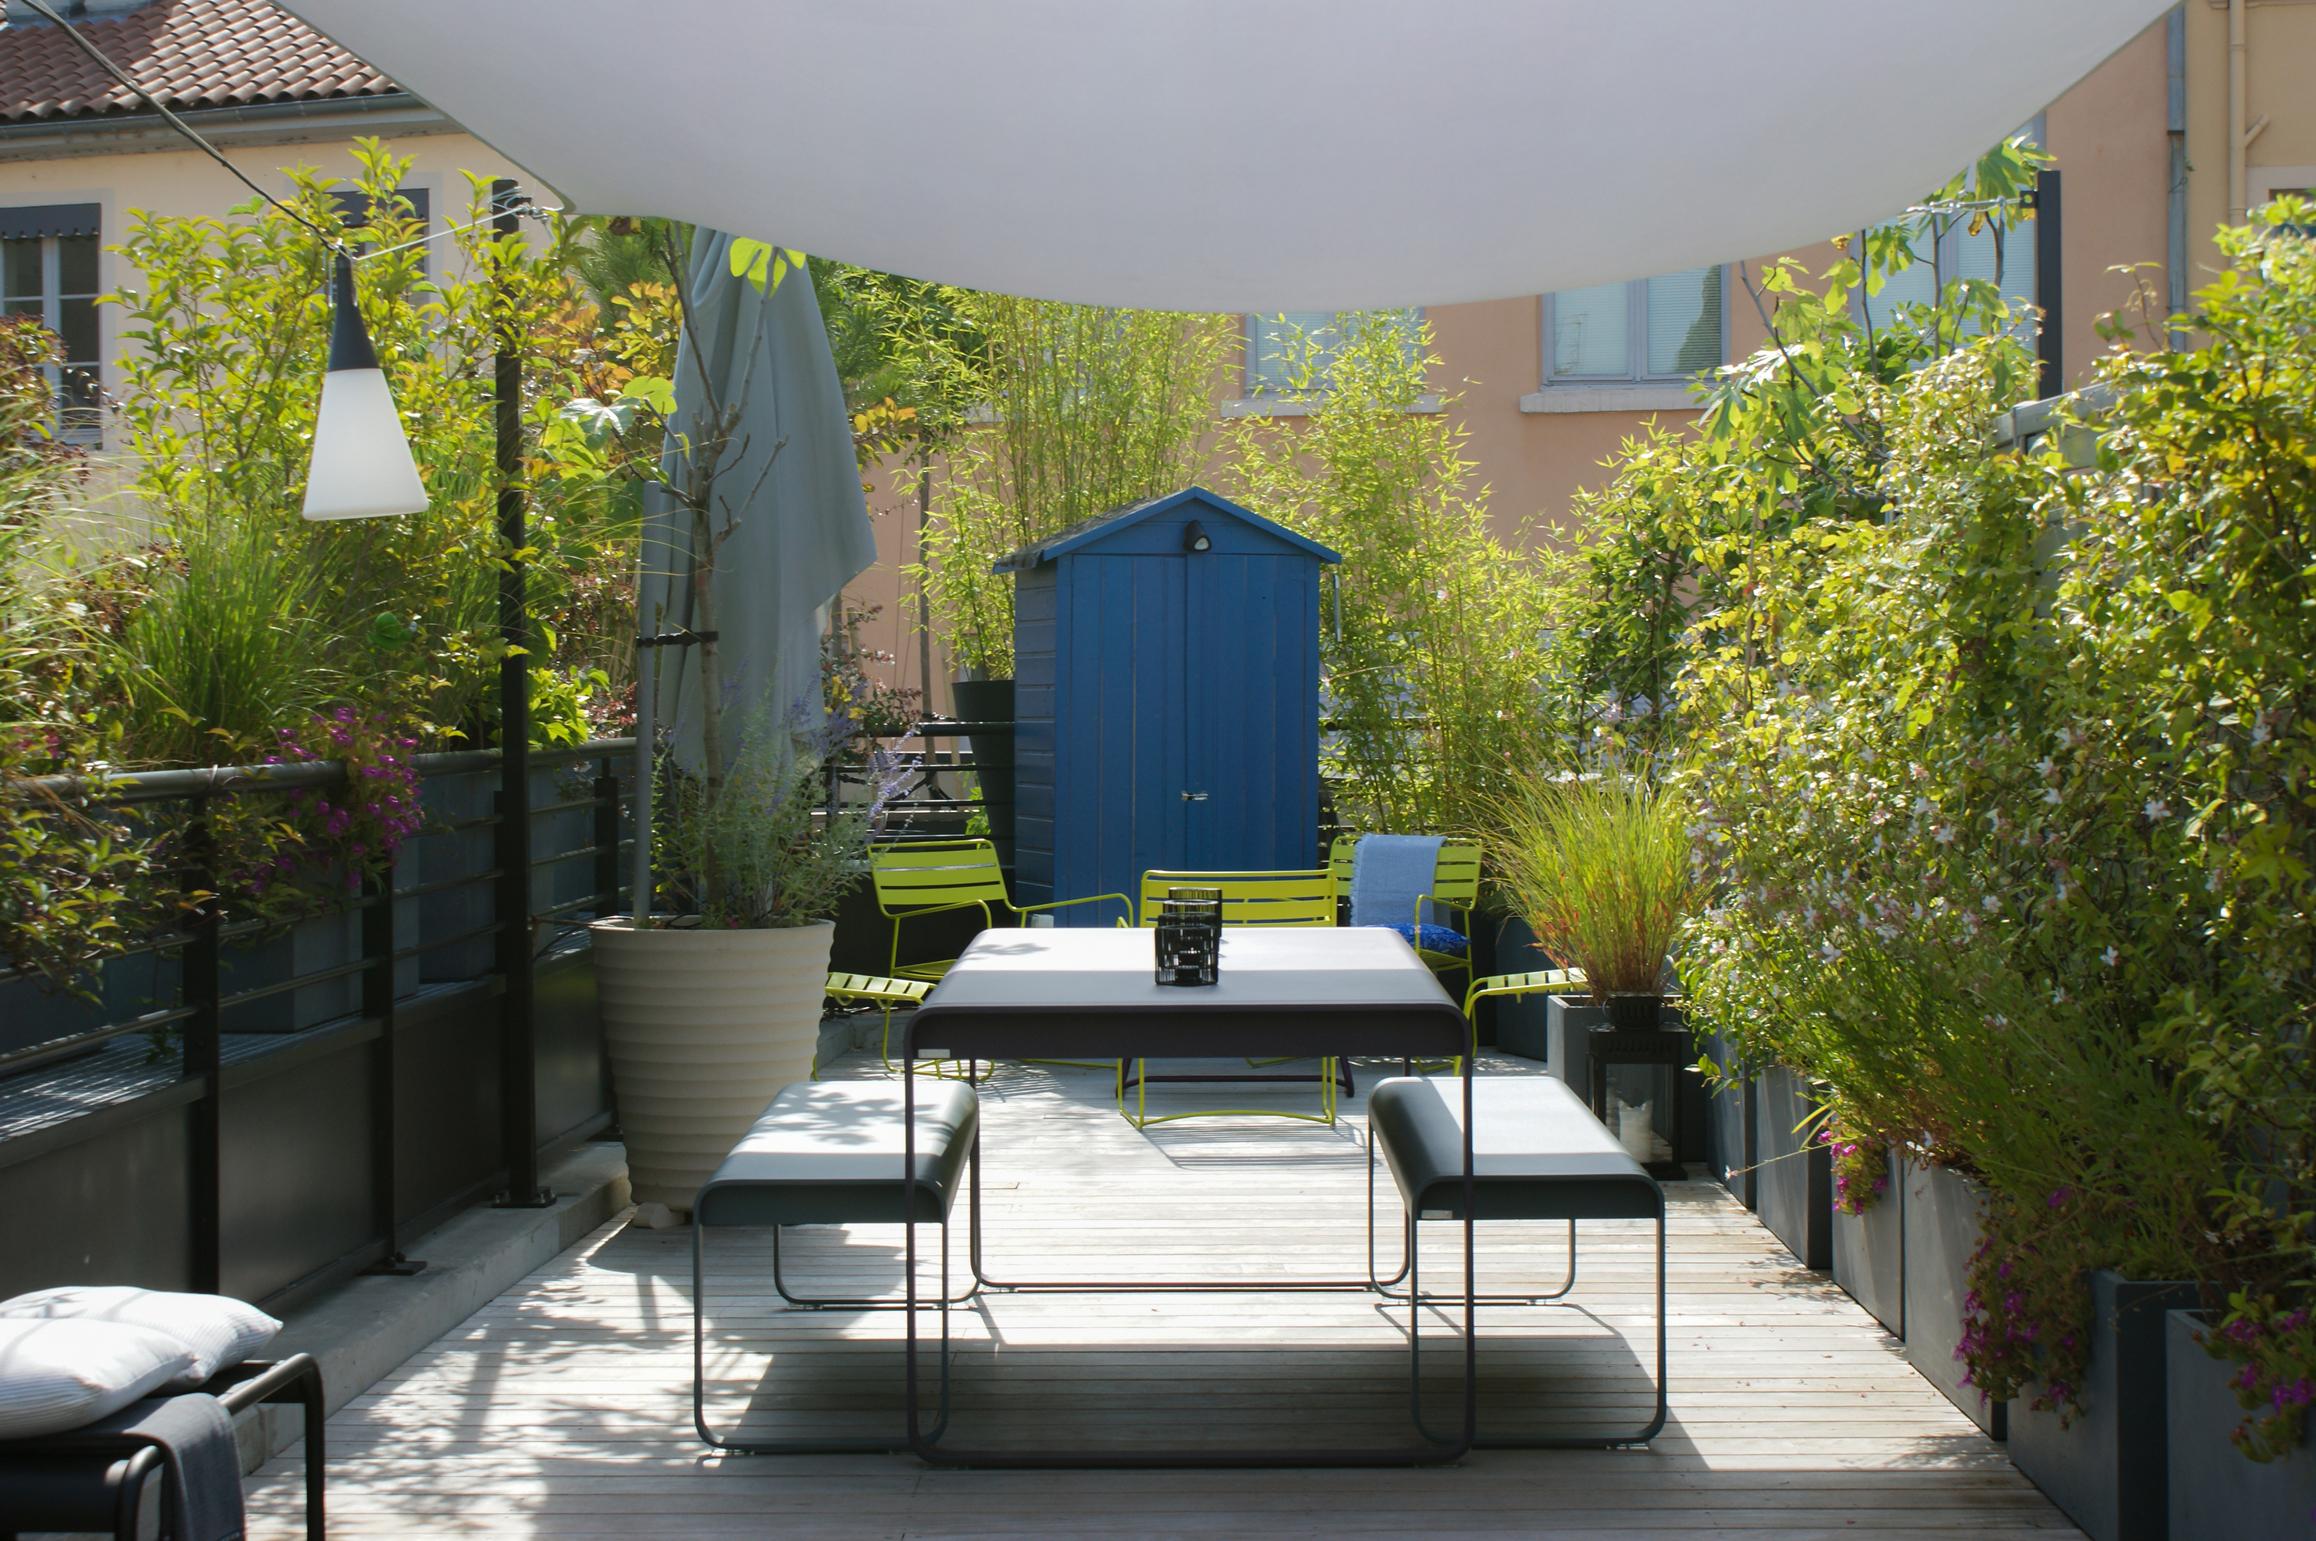 Cabane de jardin bleue entourée de graminées